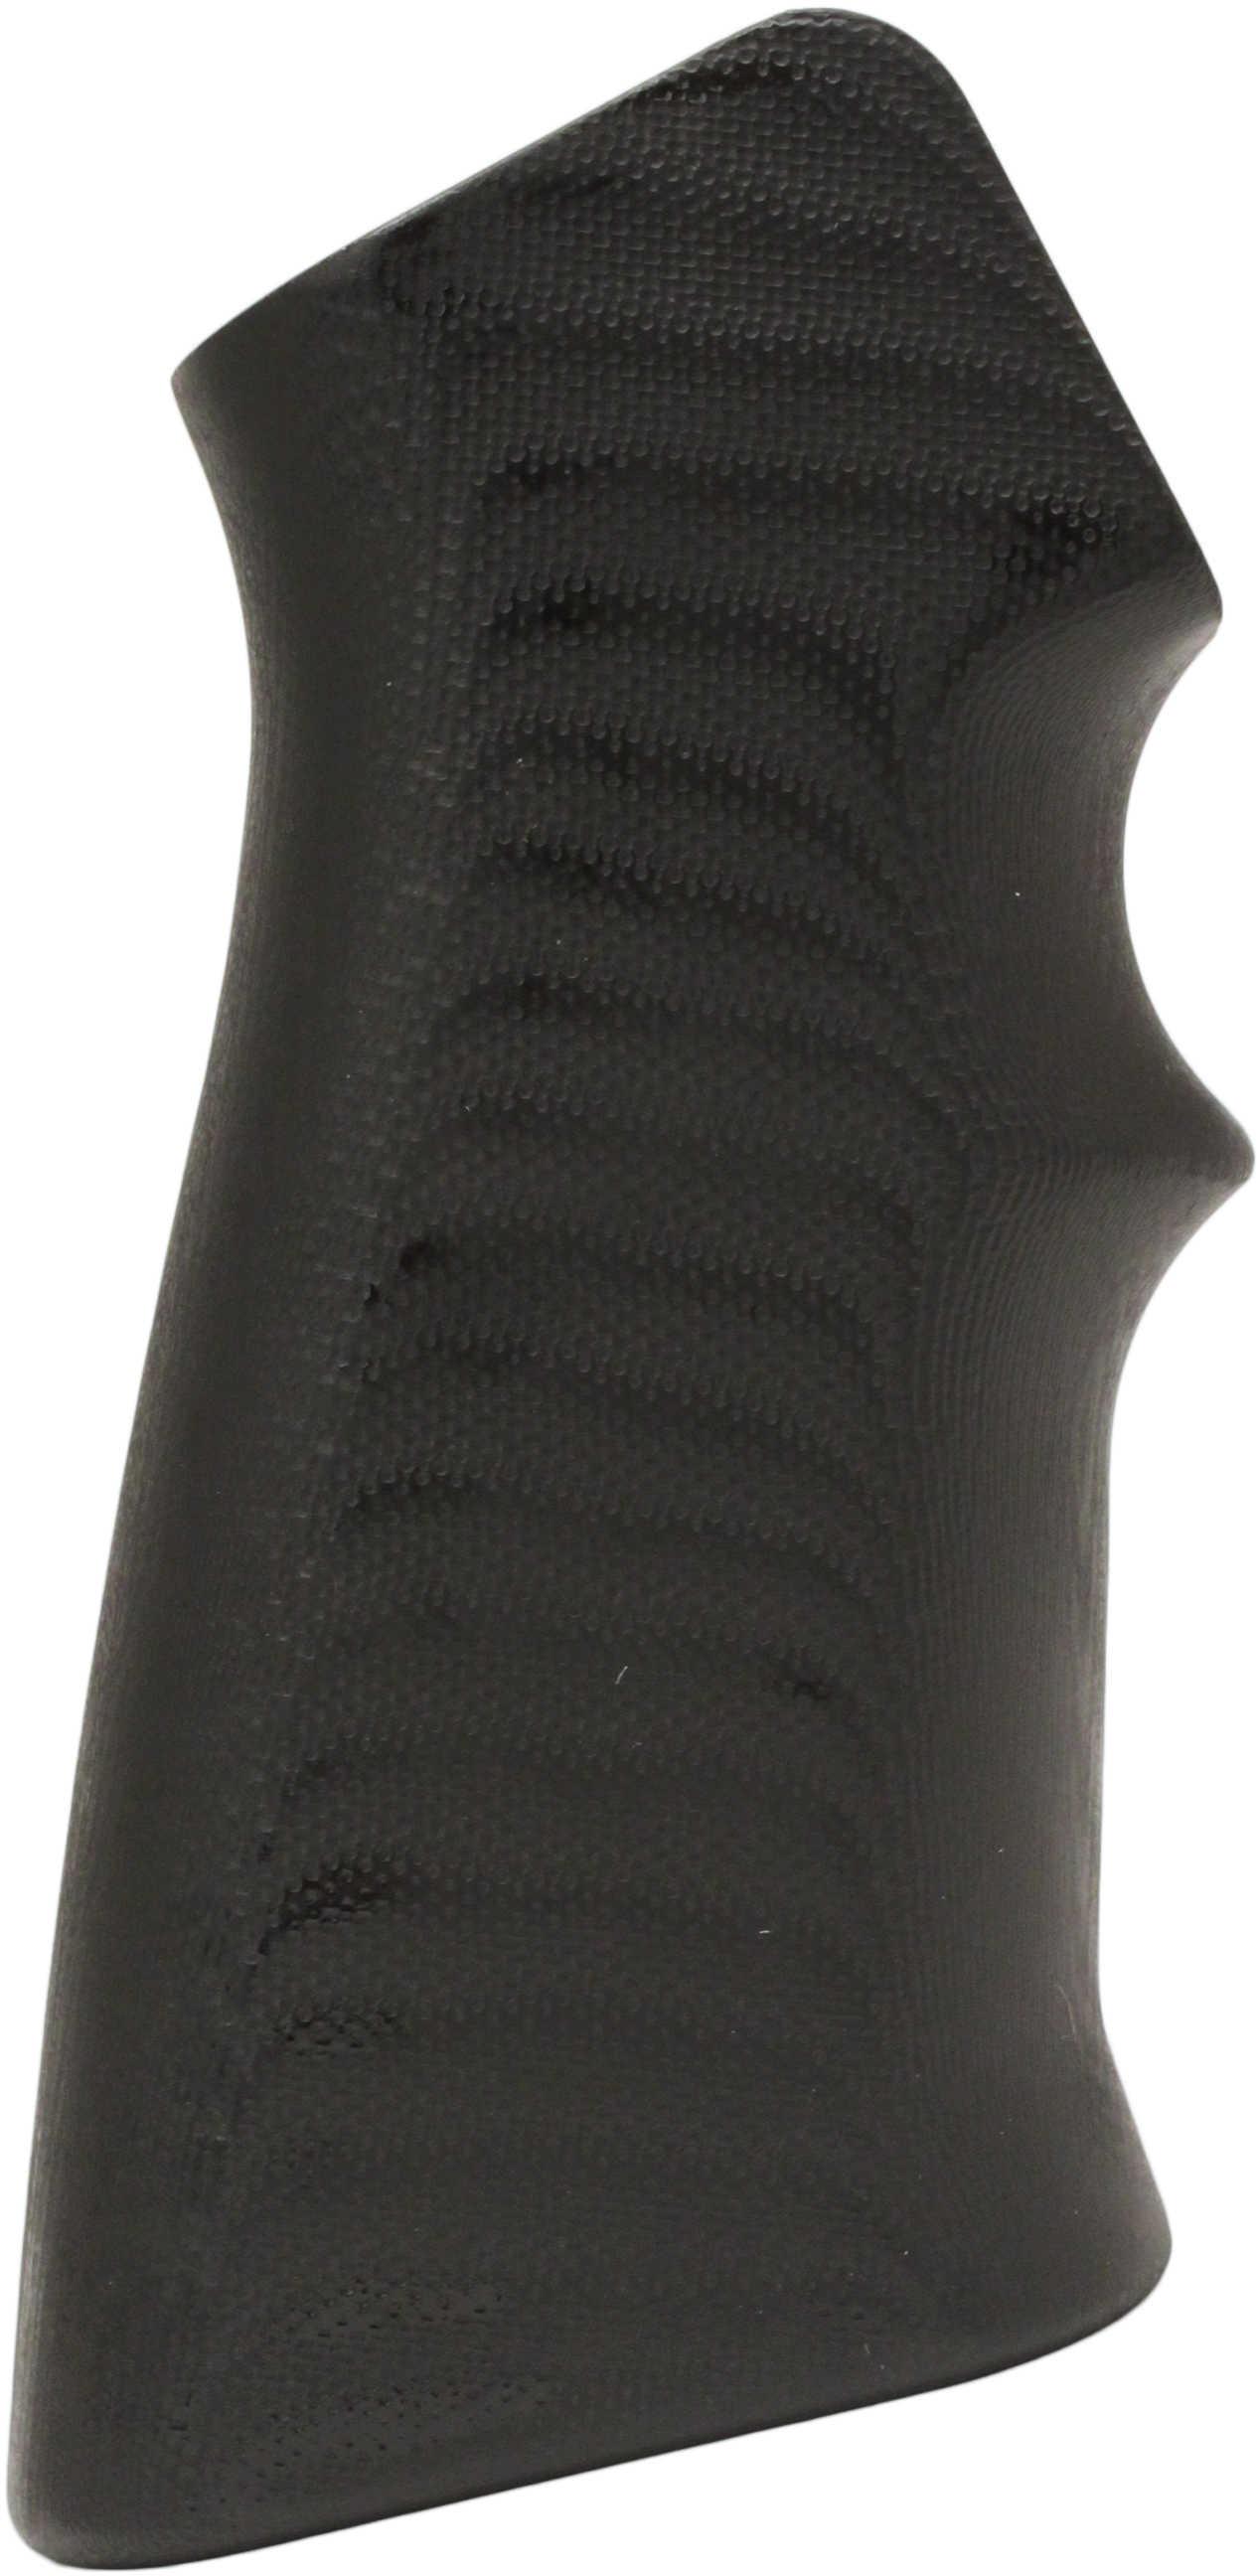 Hogue AR-15 G10 Grips Black Md: 15169